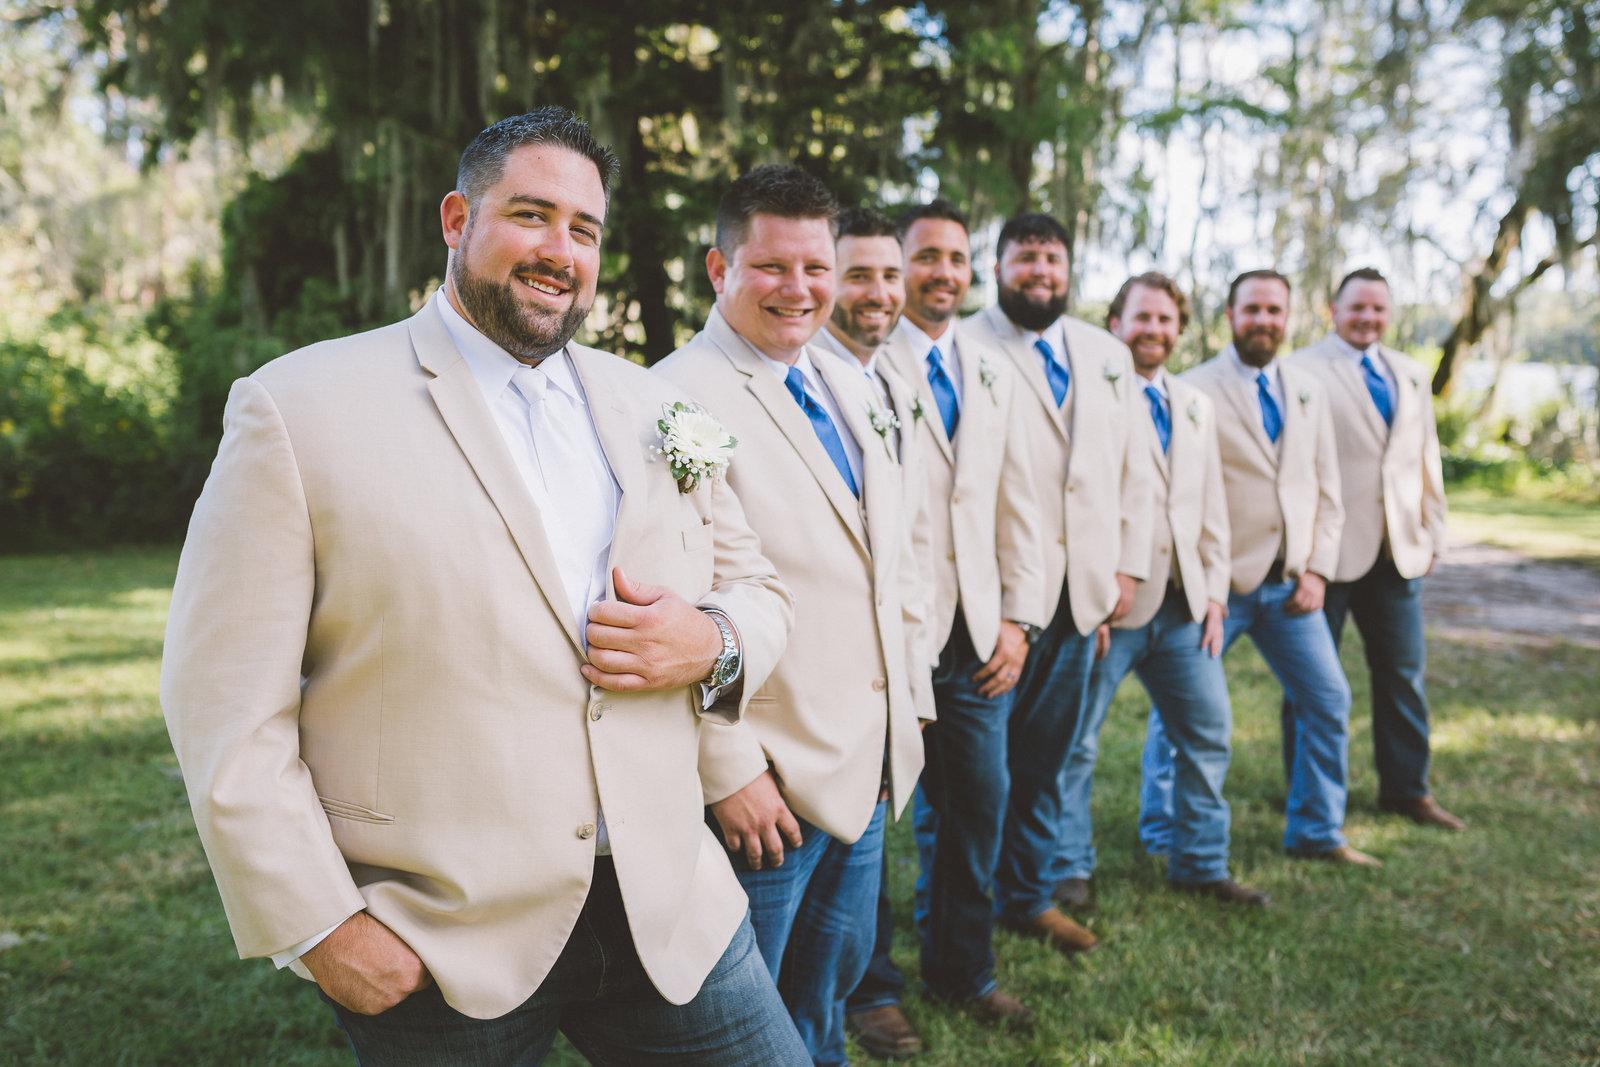 Scherer Wedding 10 23 15-Scherer Wedding 10 23 15-0032